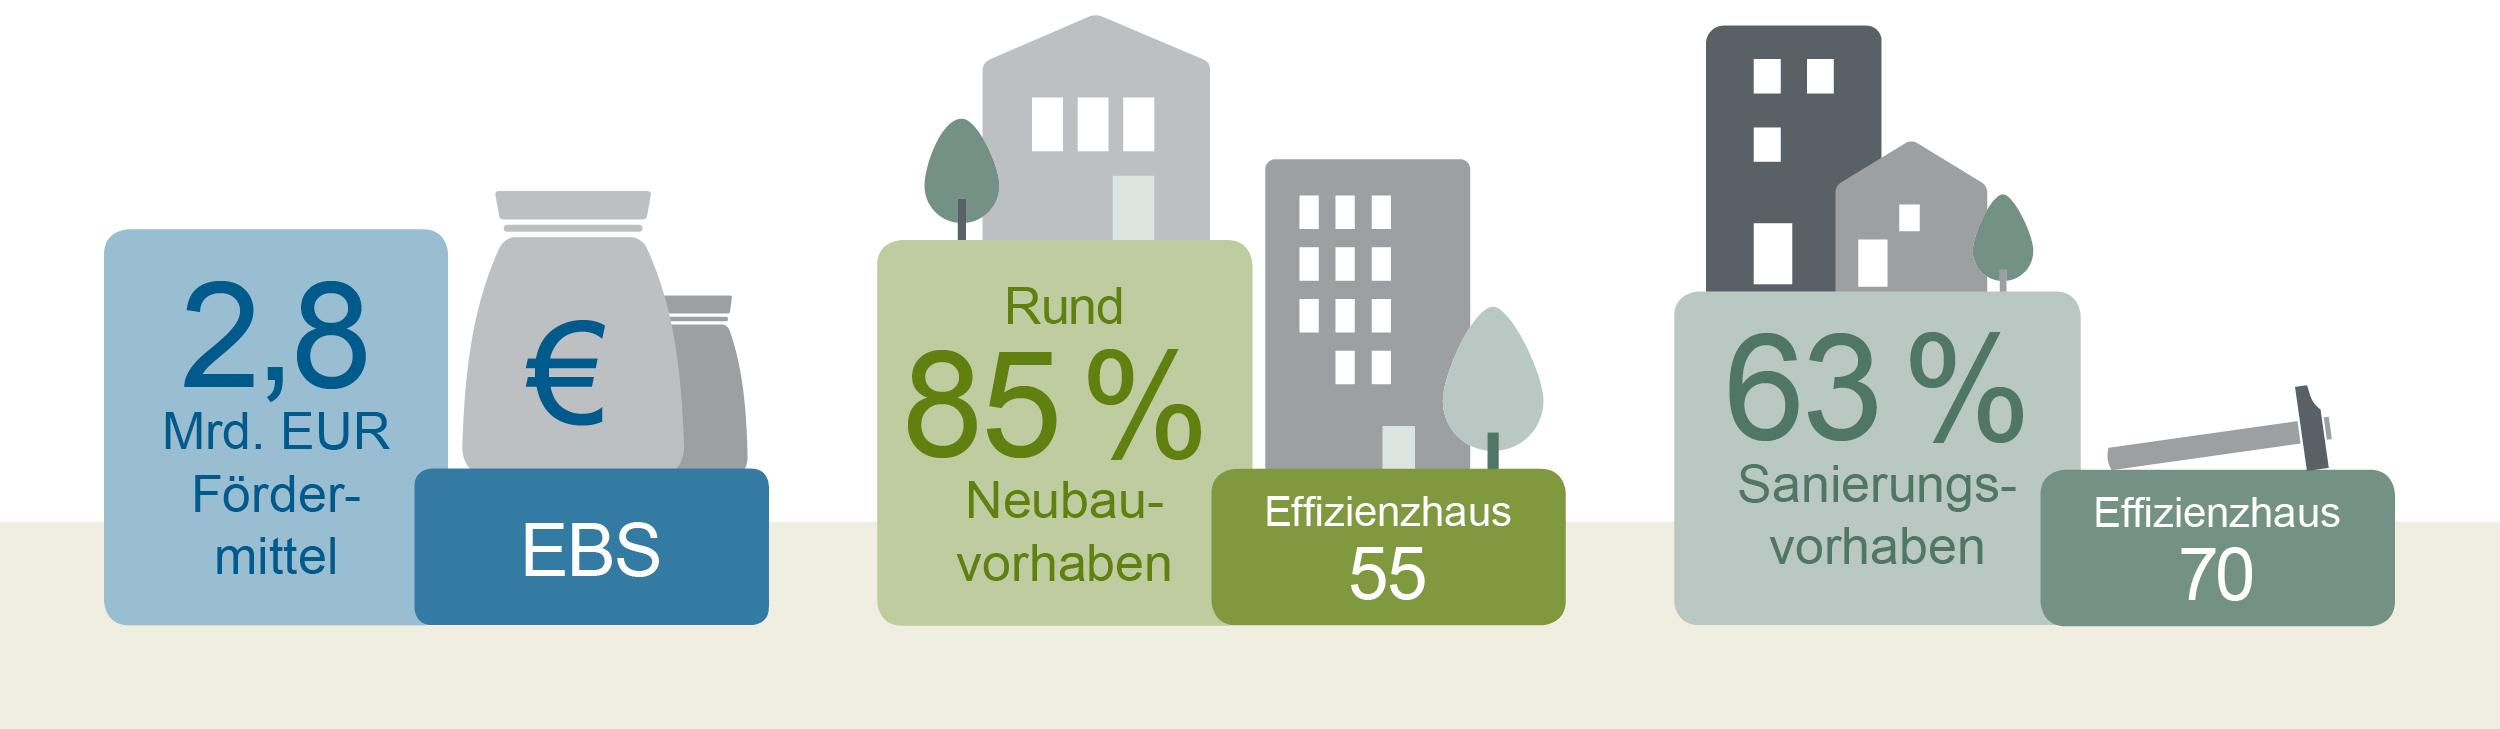 Grafische Darstellung KfW-Energieeffizienzprogramm - Energieeffizient Bauen und Sanieren